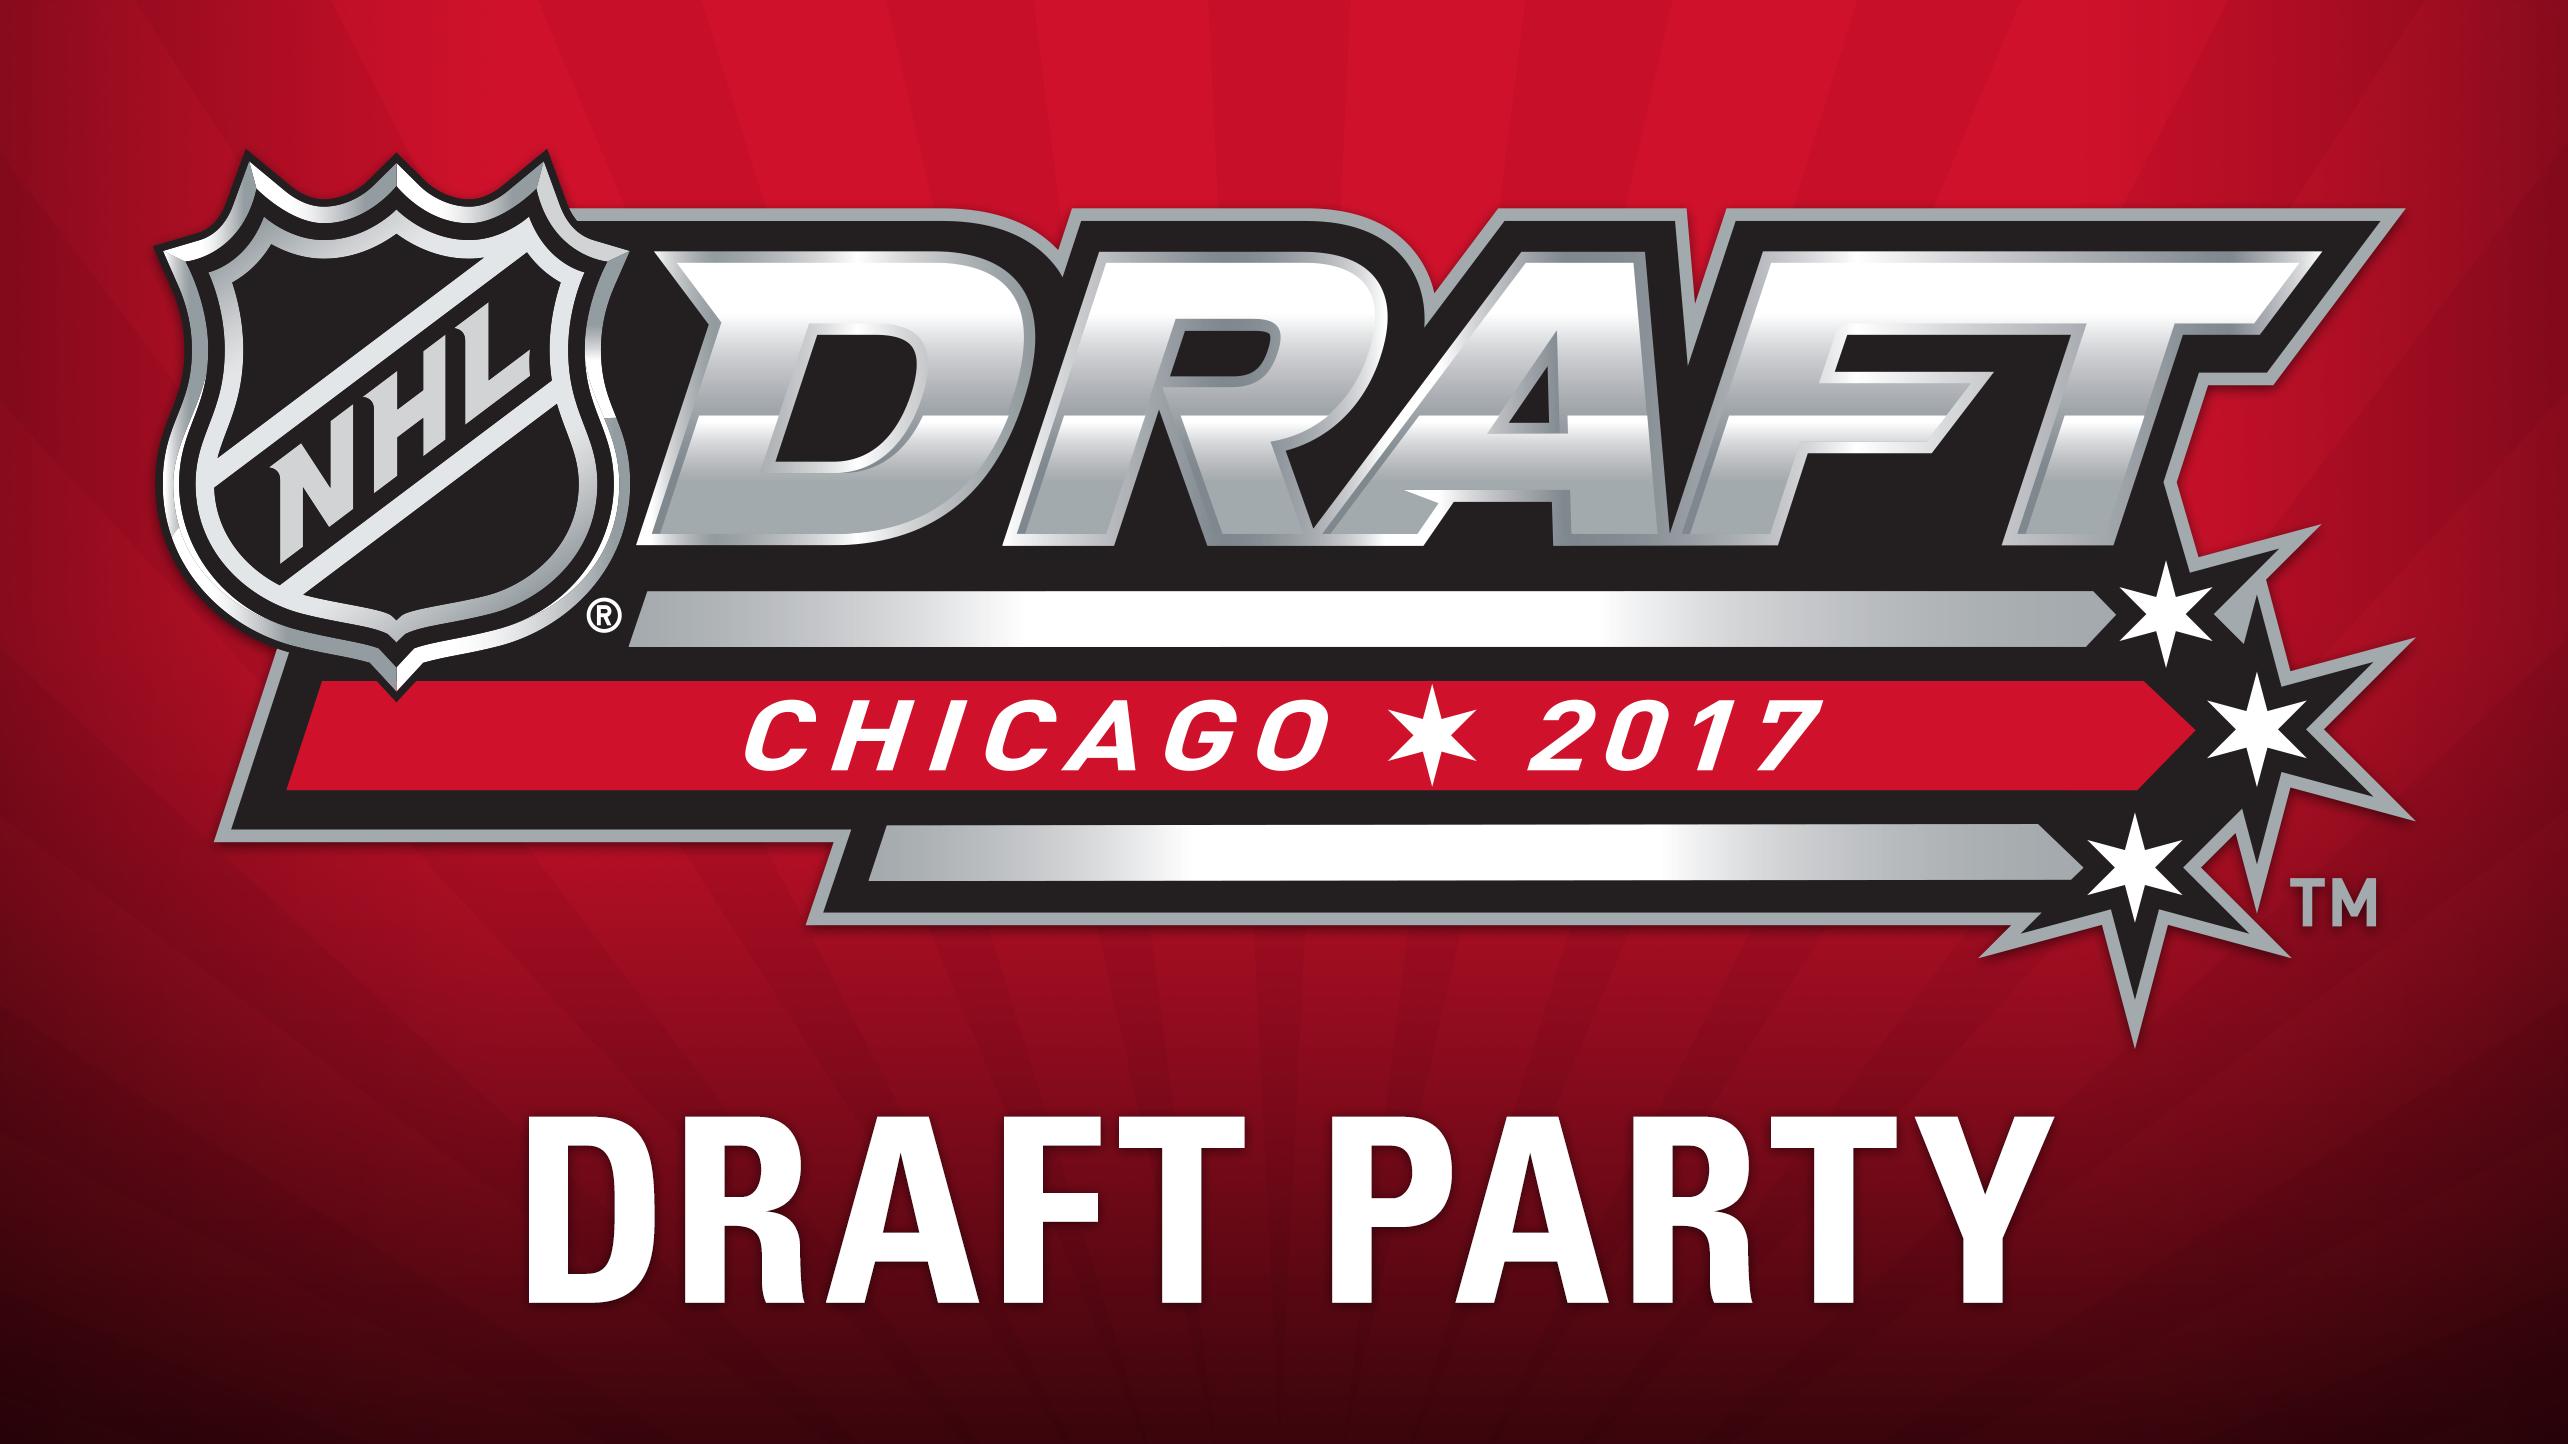 Carolina Hurricanes Draft Party 2017